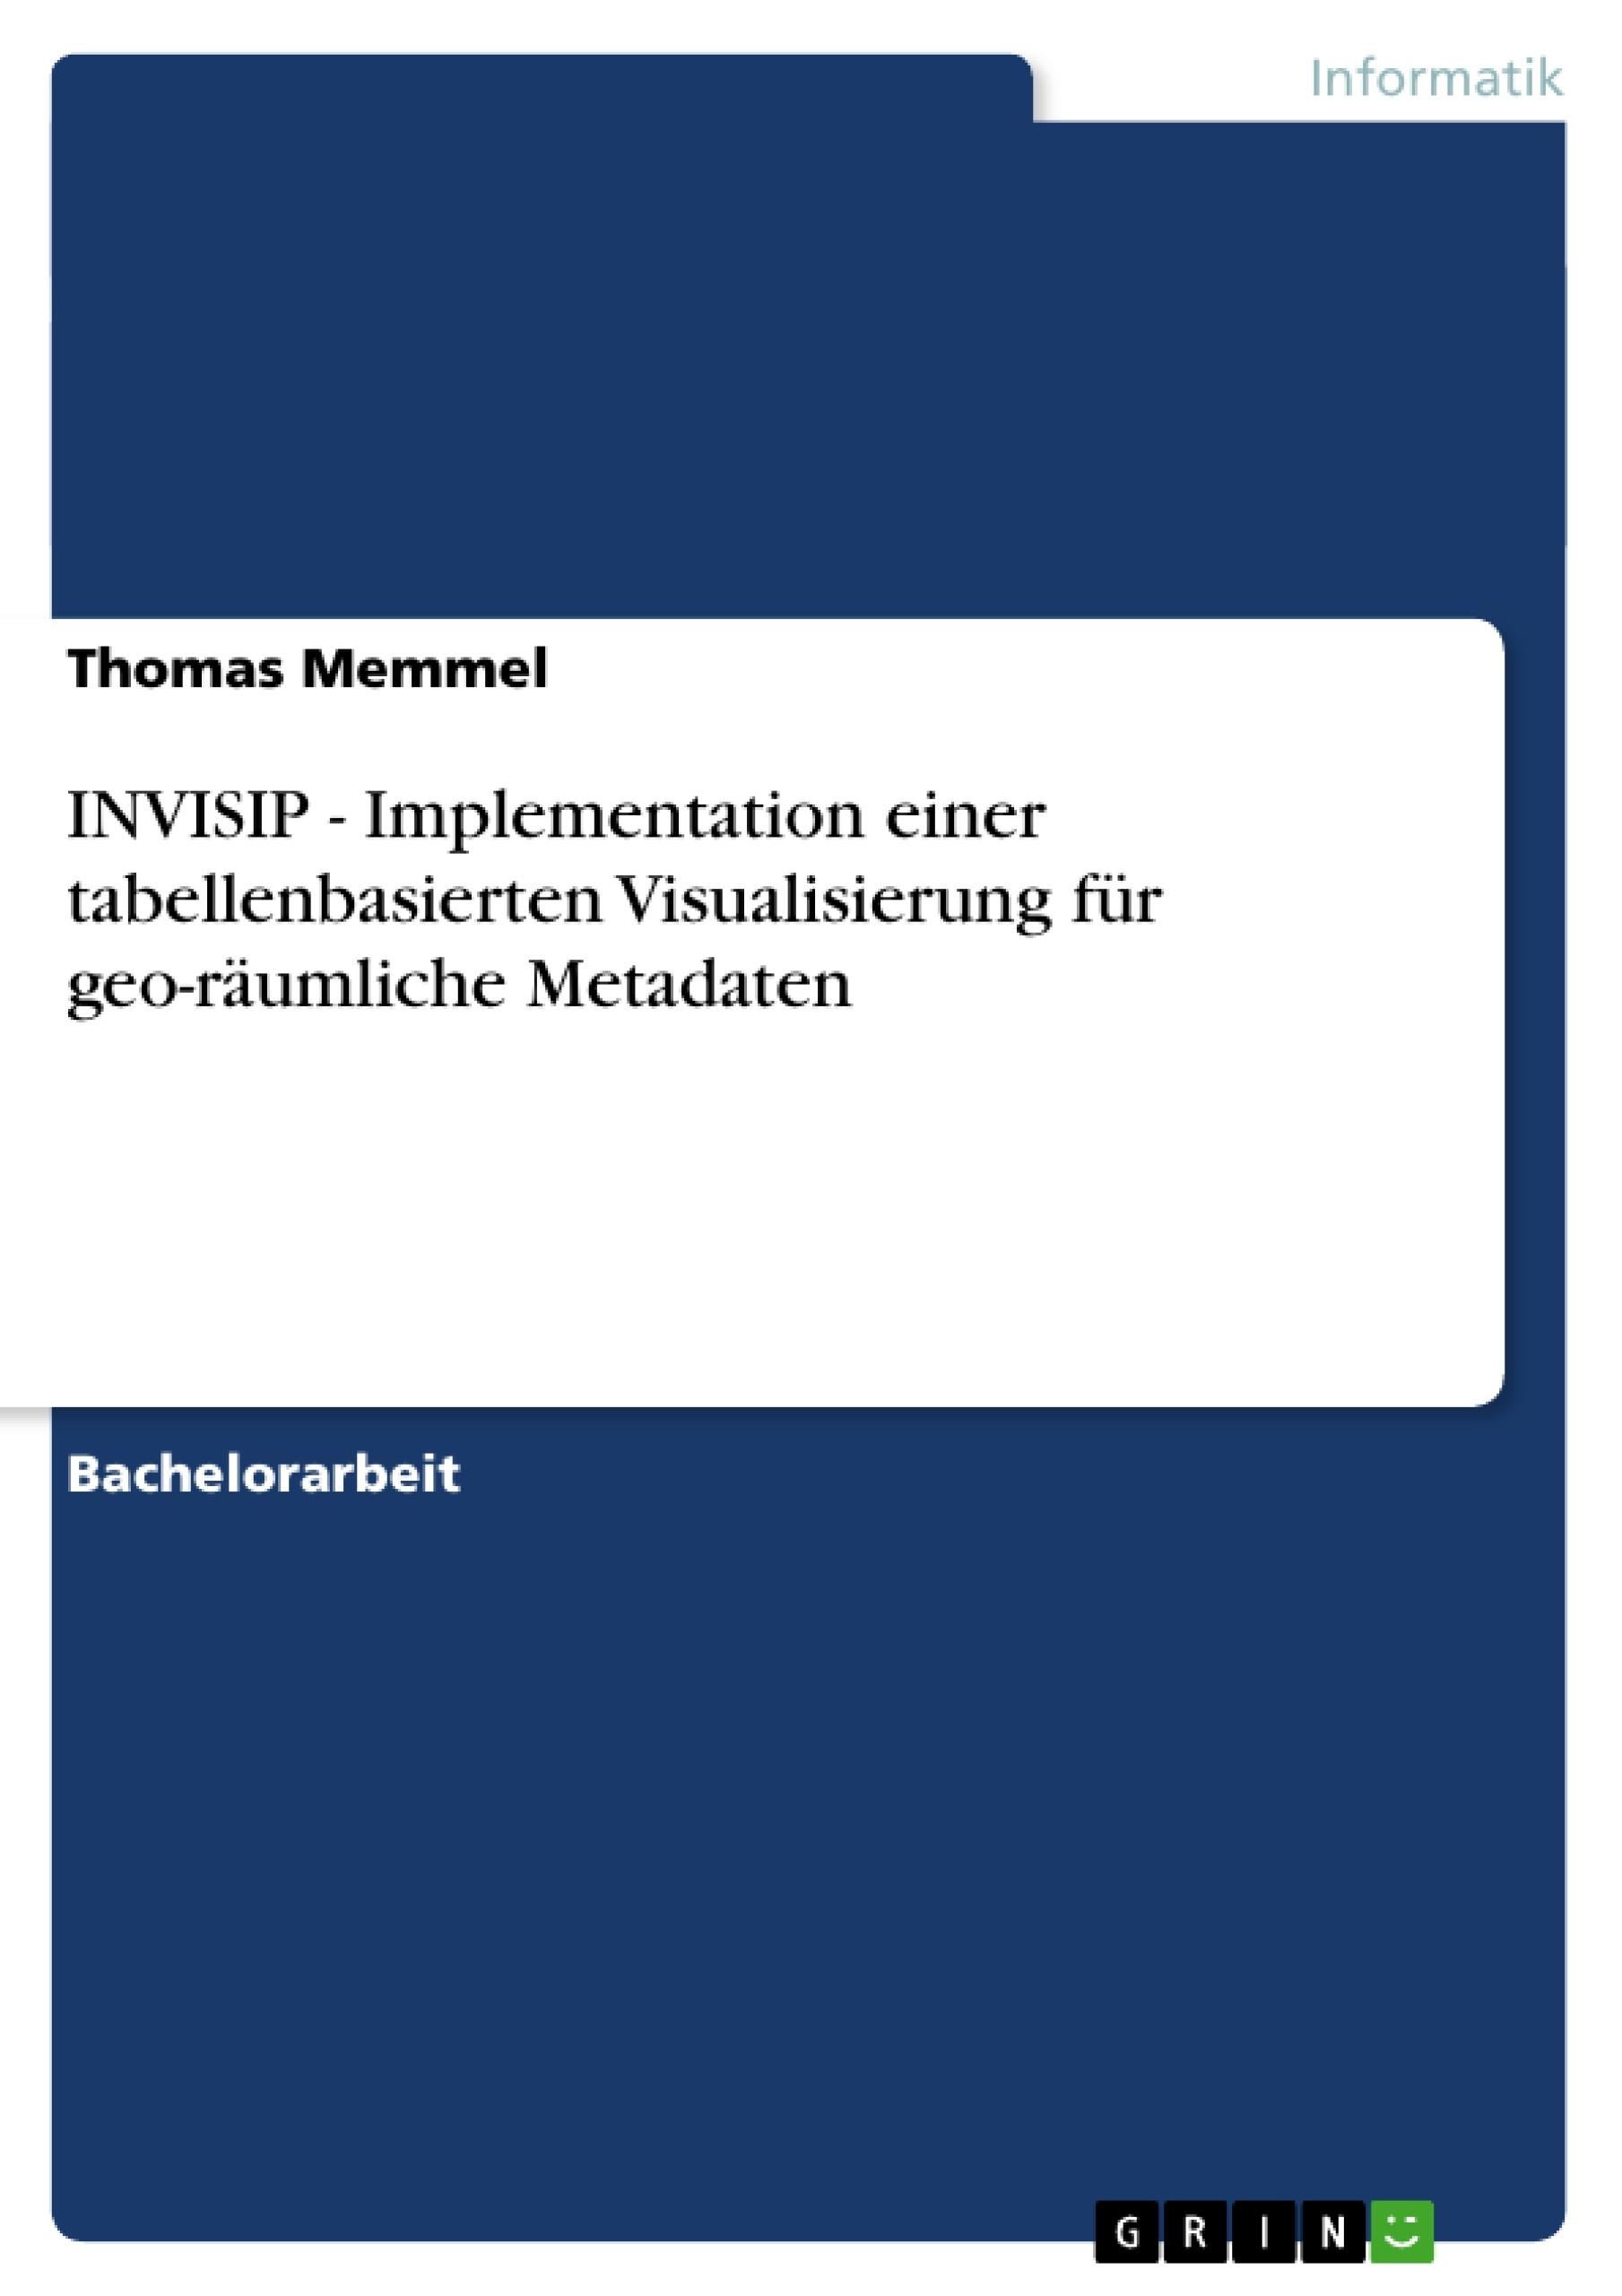 Titel: INVISIP - Implementation einer tabellenbasierten Visualisierung für geo-räumliche Metadaten